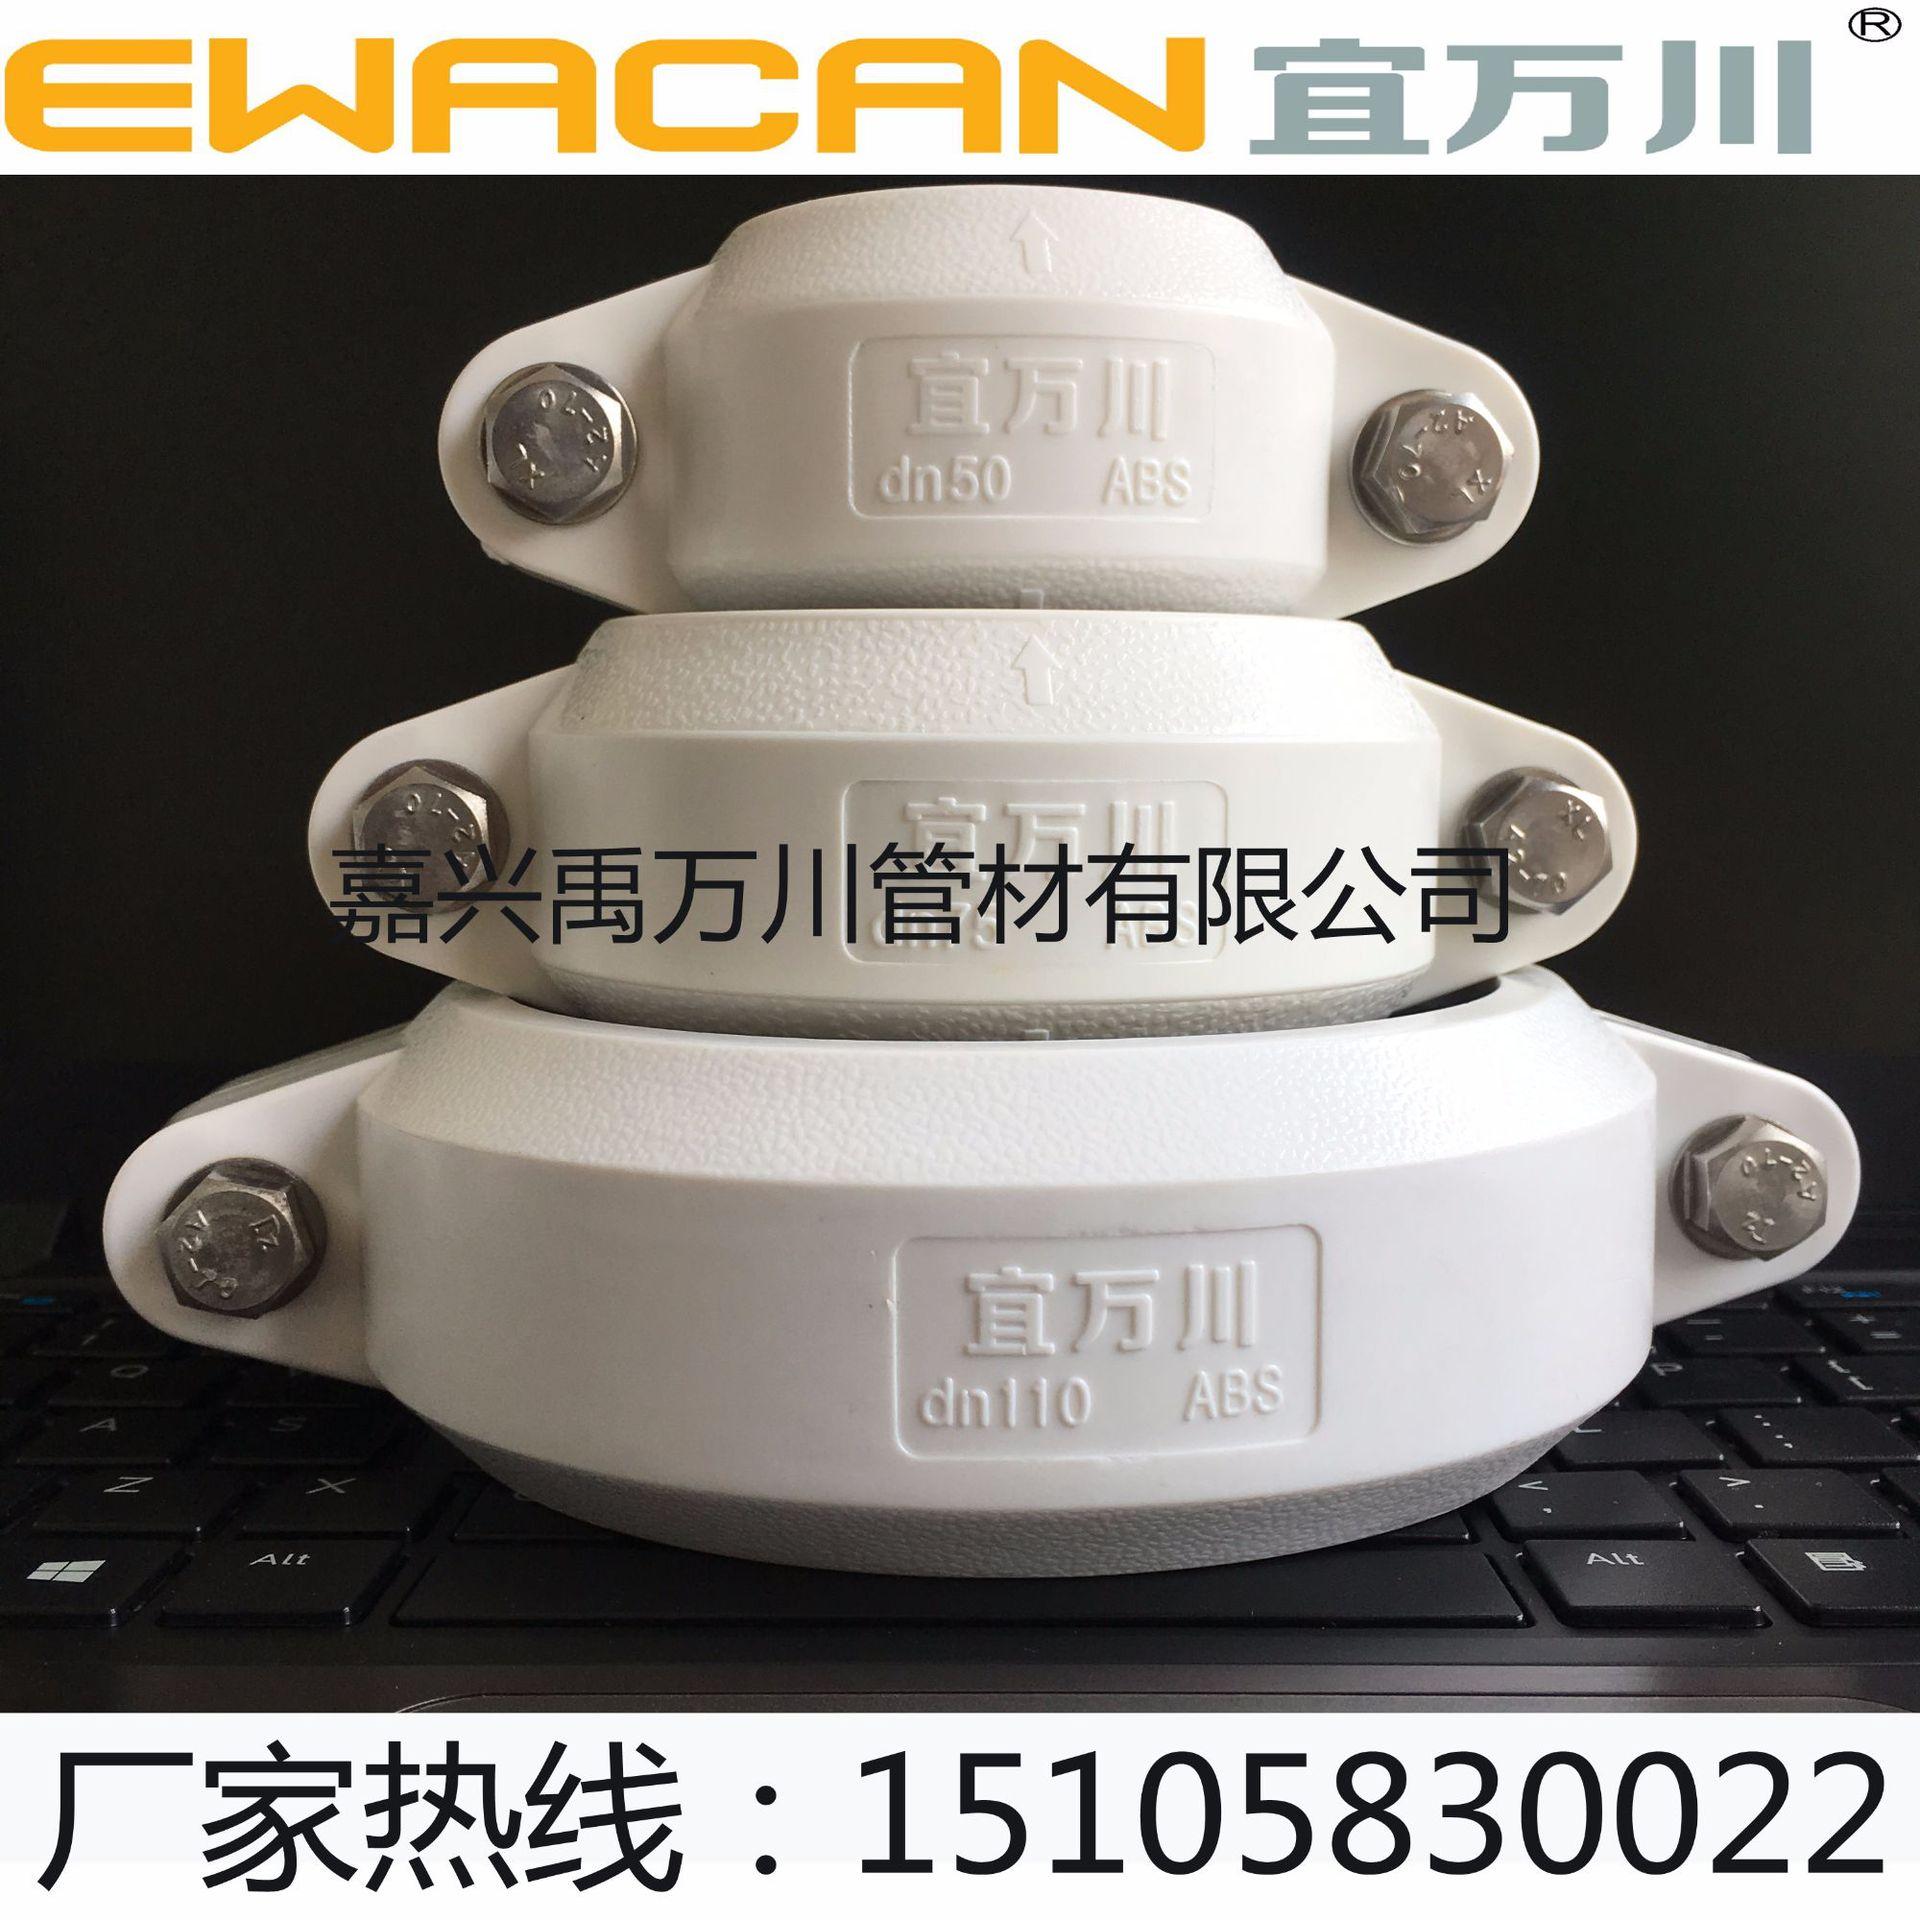 沟槽式HDPE超静音排水管,高密度聚乙烯ABS压环卡箍柔性连接示例图6